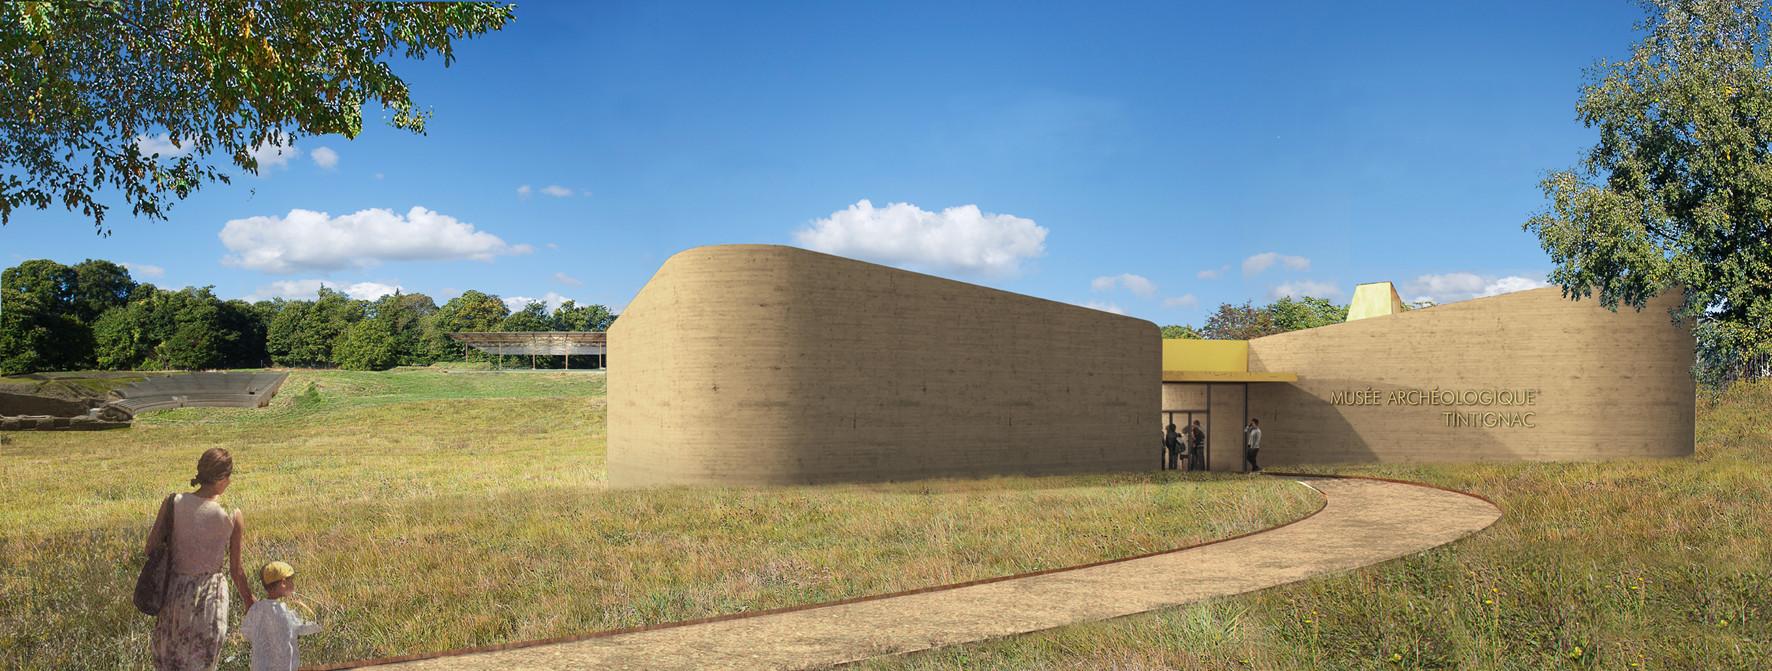 Musée archéologique de Tintignac